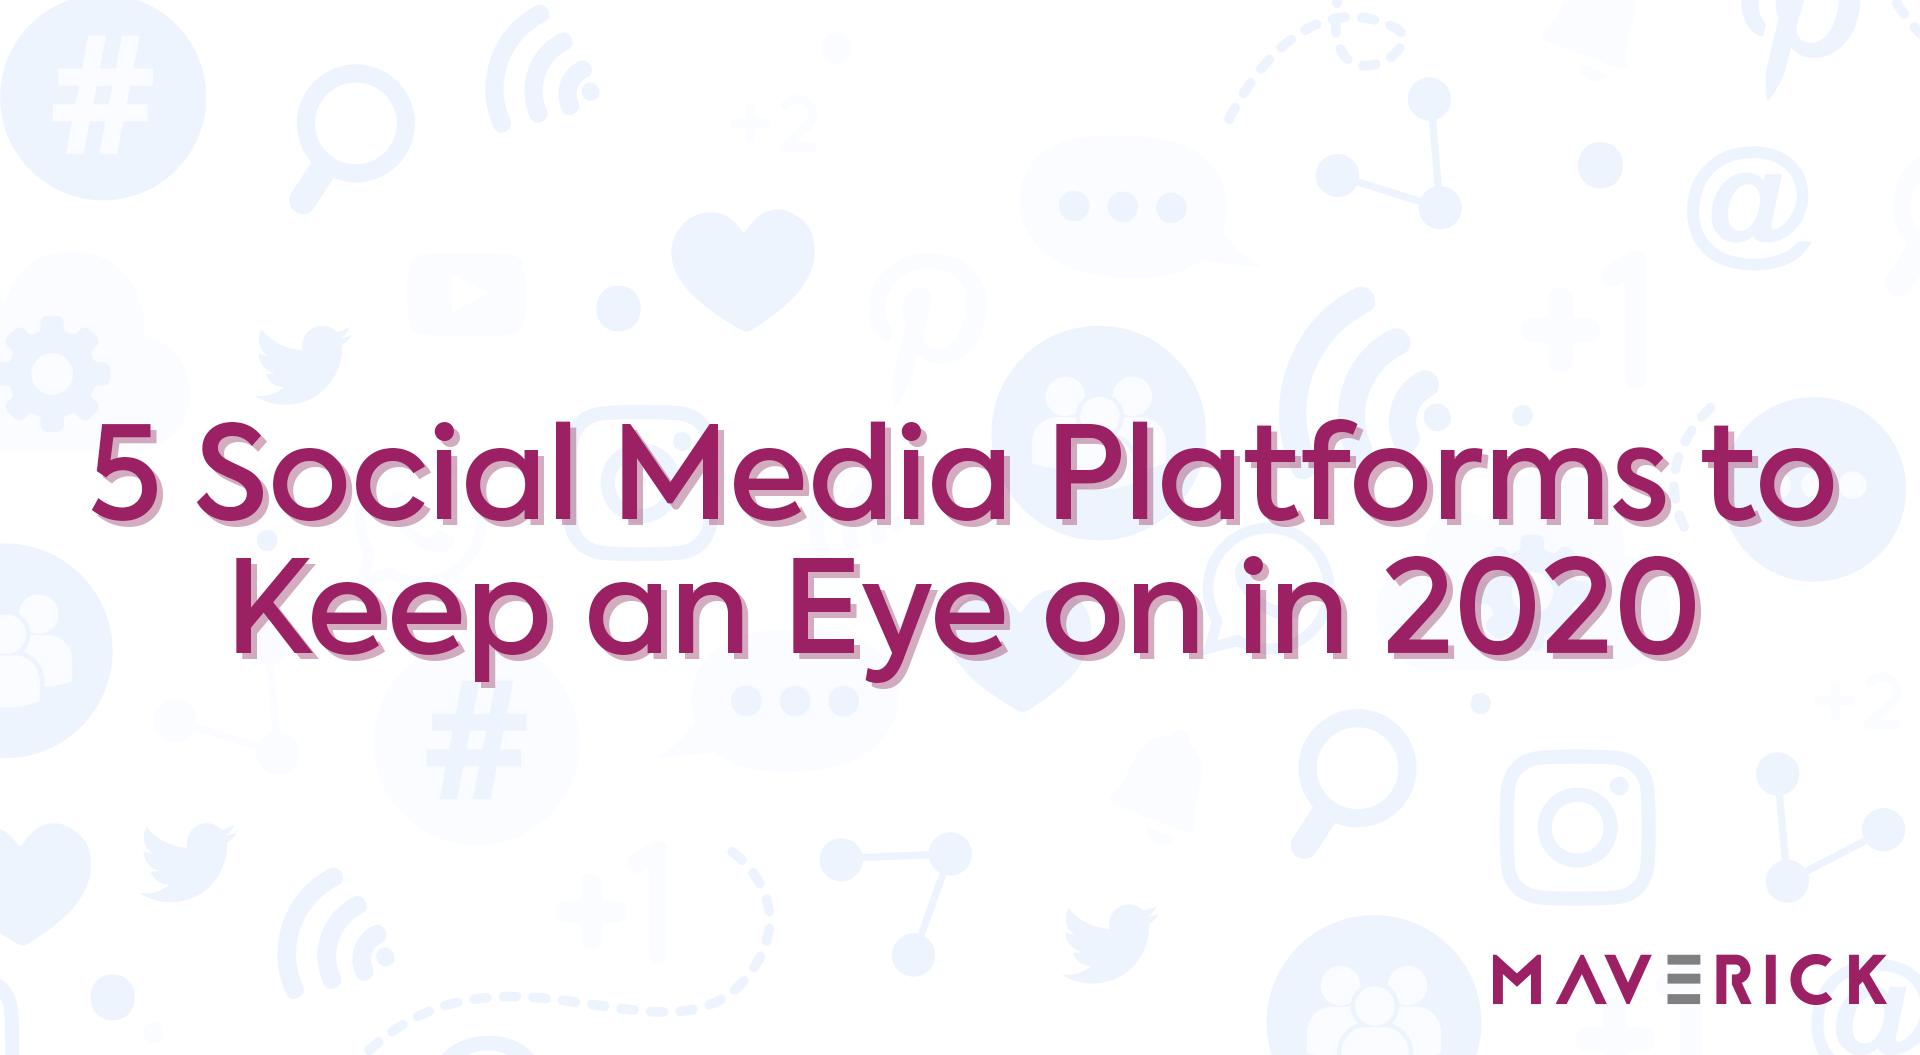 Social Media Platforms 2020